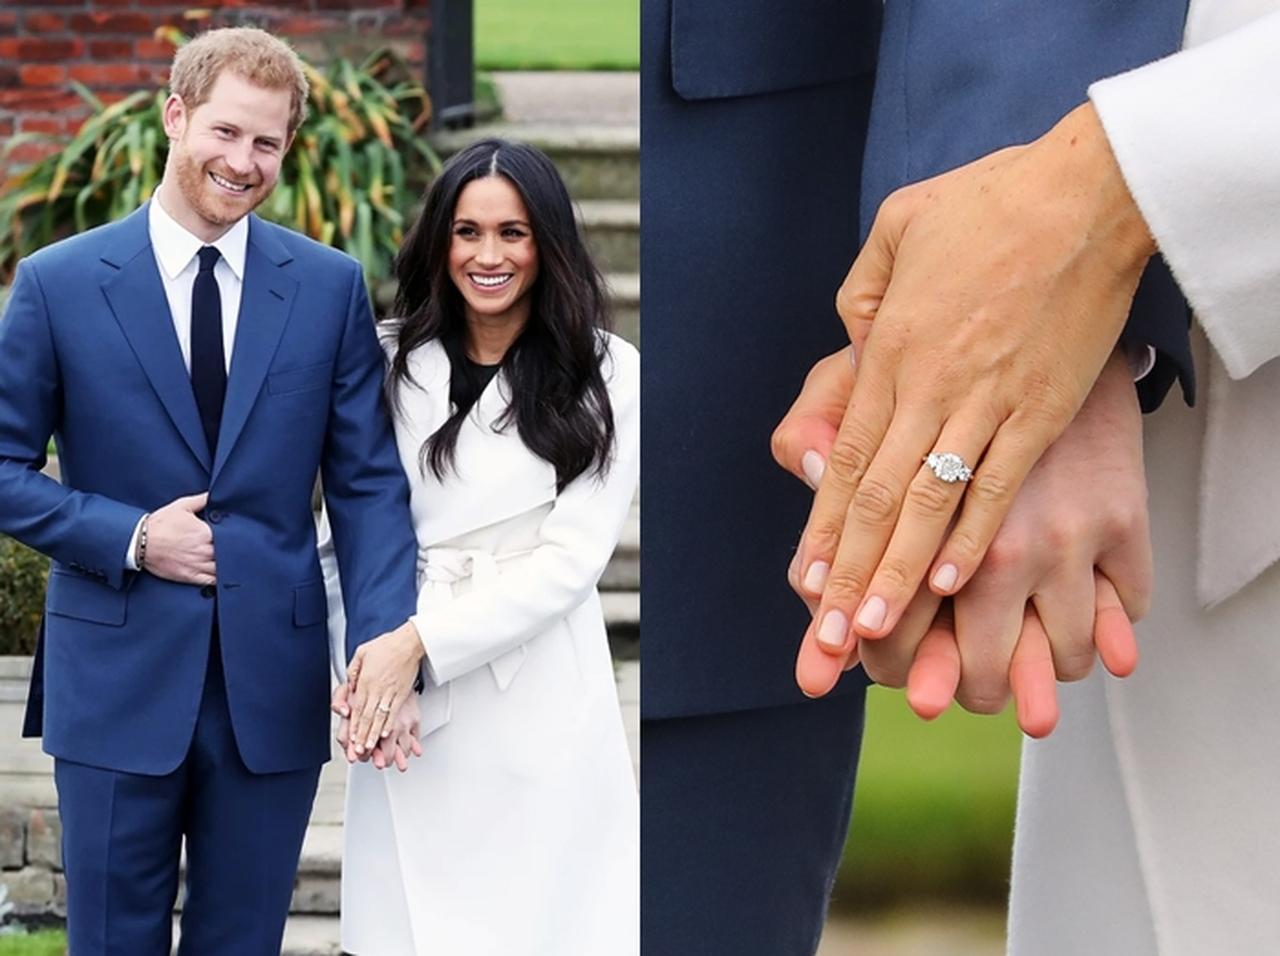 ヘンリー王子と婚約のメーガン・マークルが婚約指輪をお披露目!